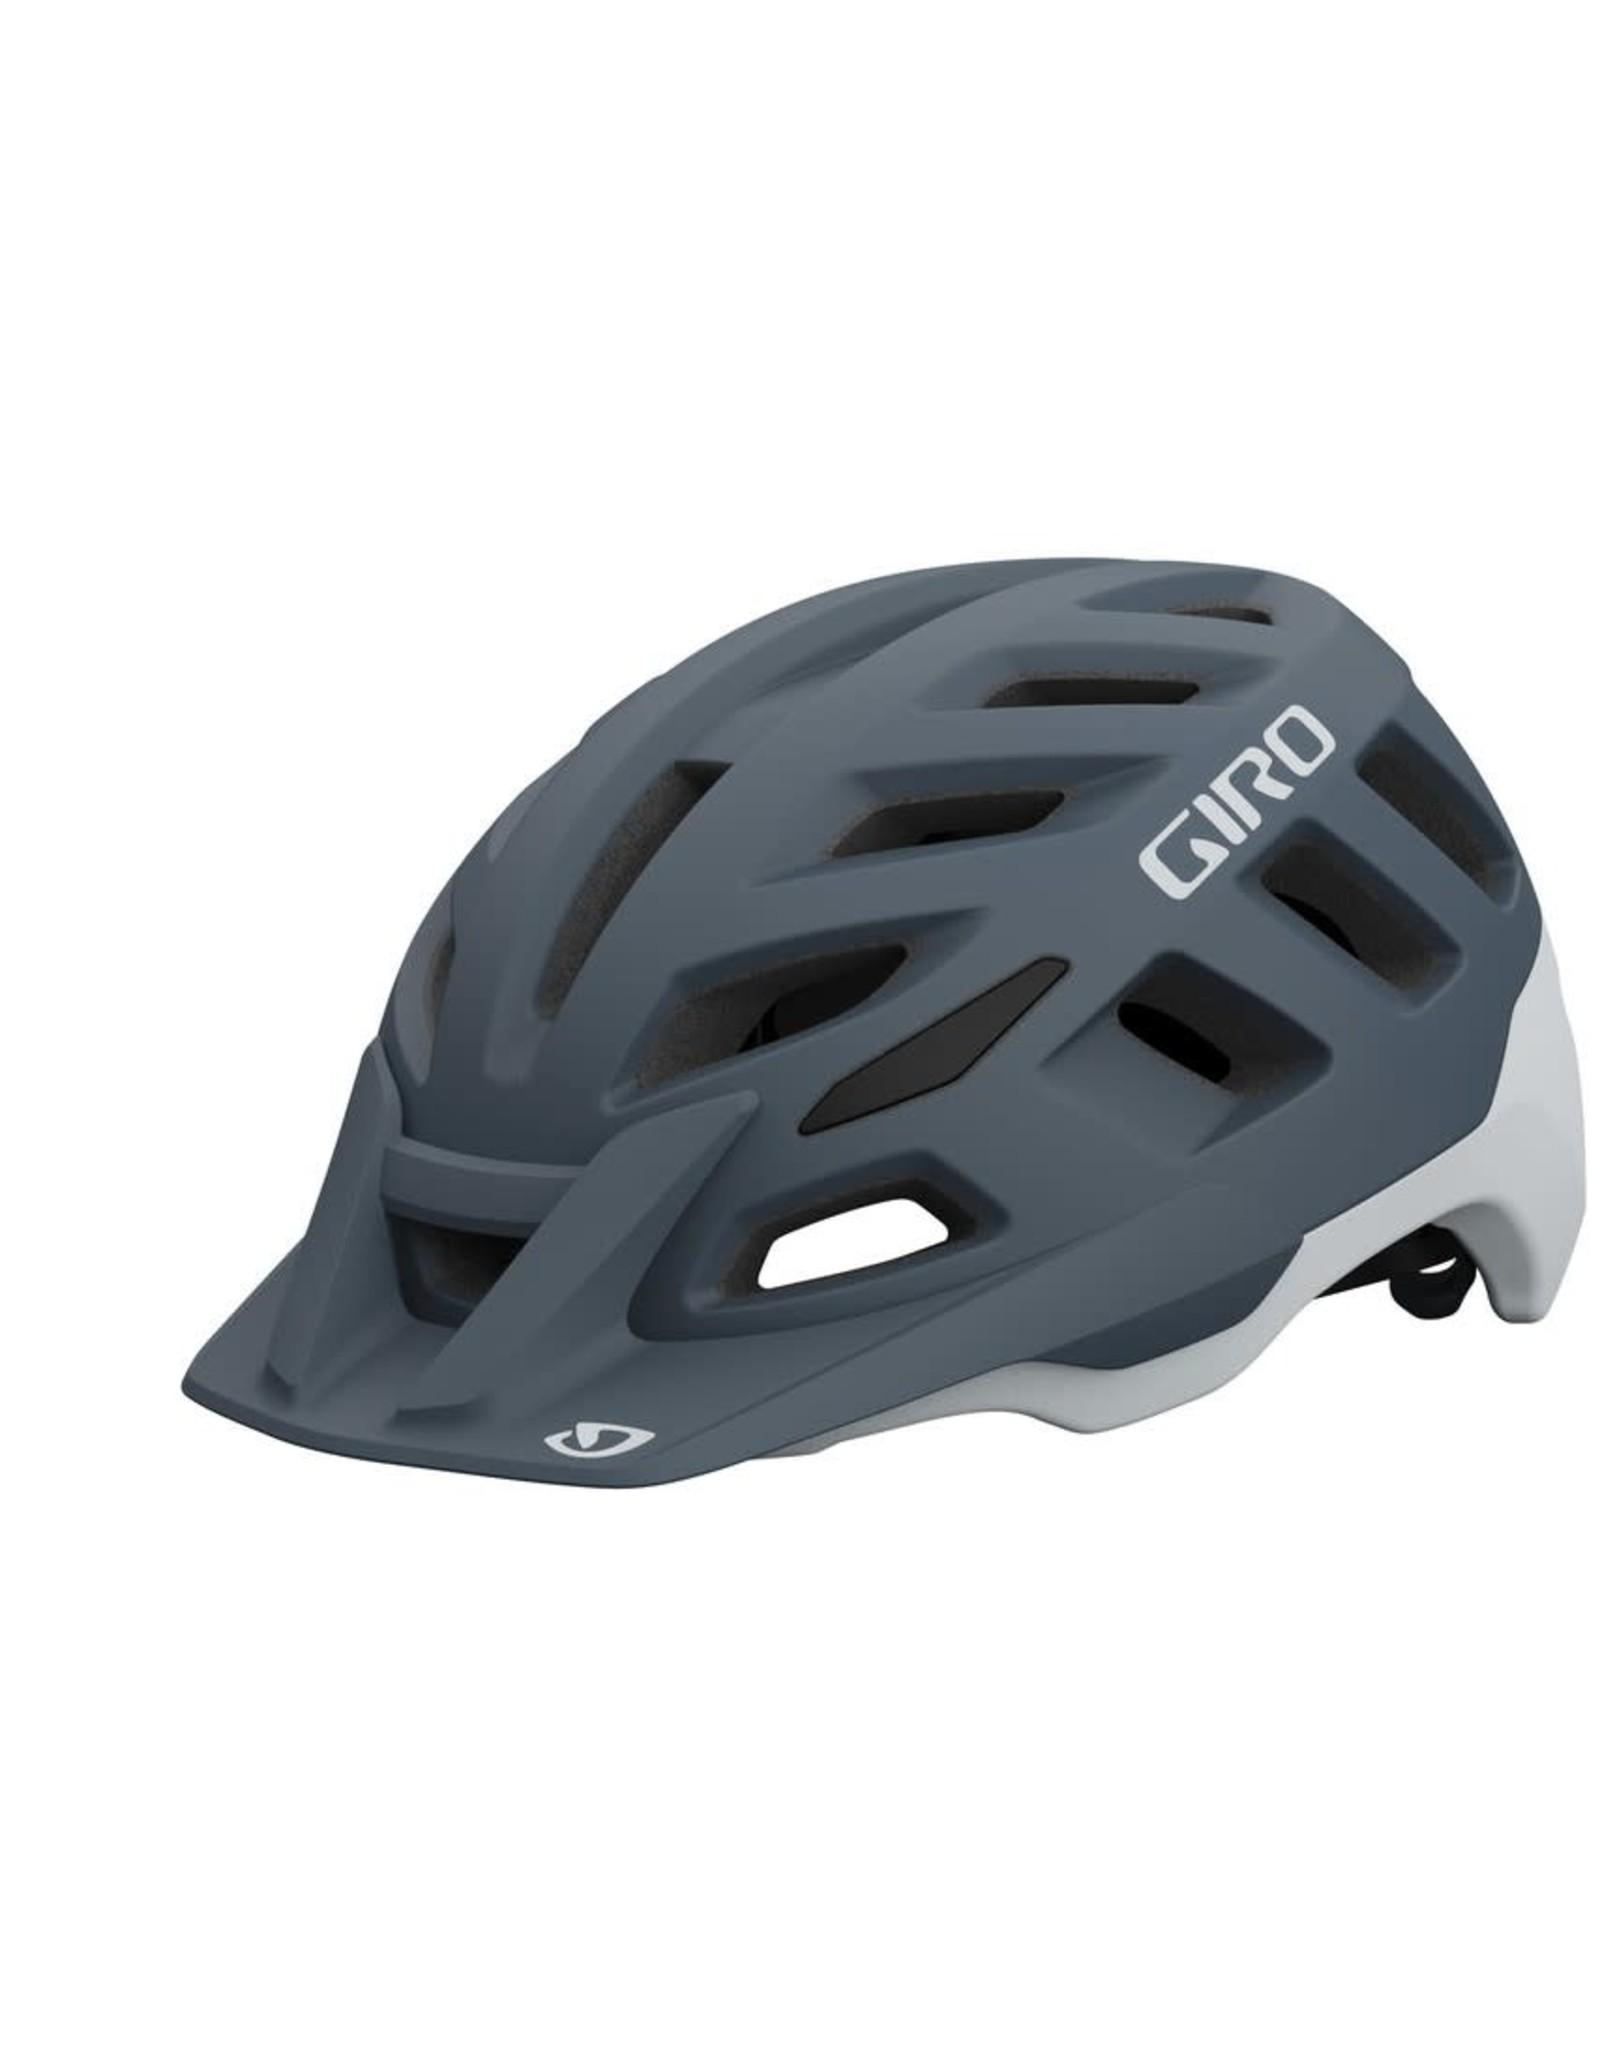 Giro 21, GIRO, Radix MIPS